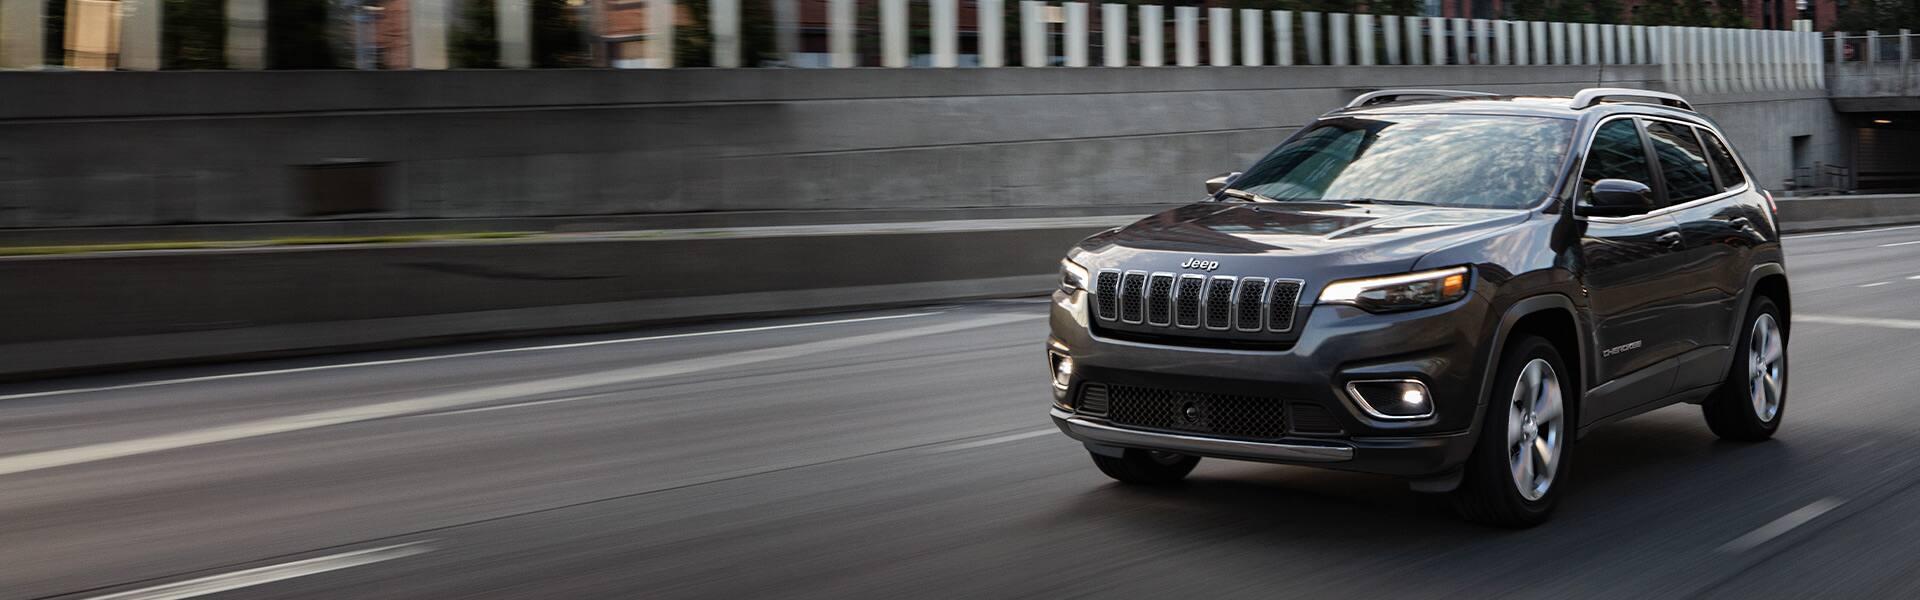 Un Jeep Cherokee Limited 2021 andando por una autopista en una ciudad.